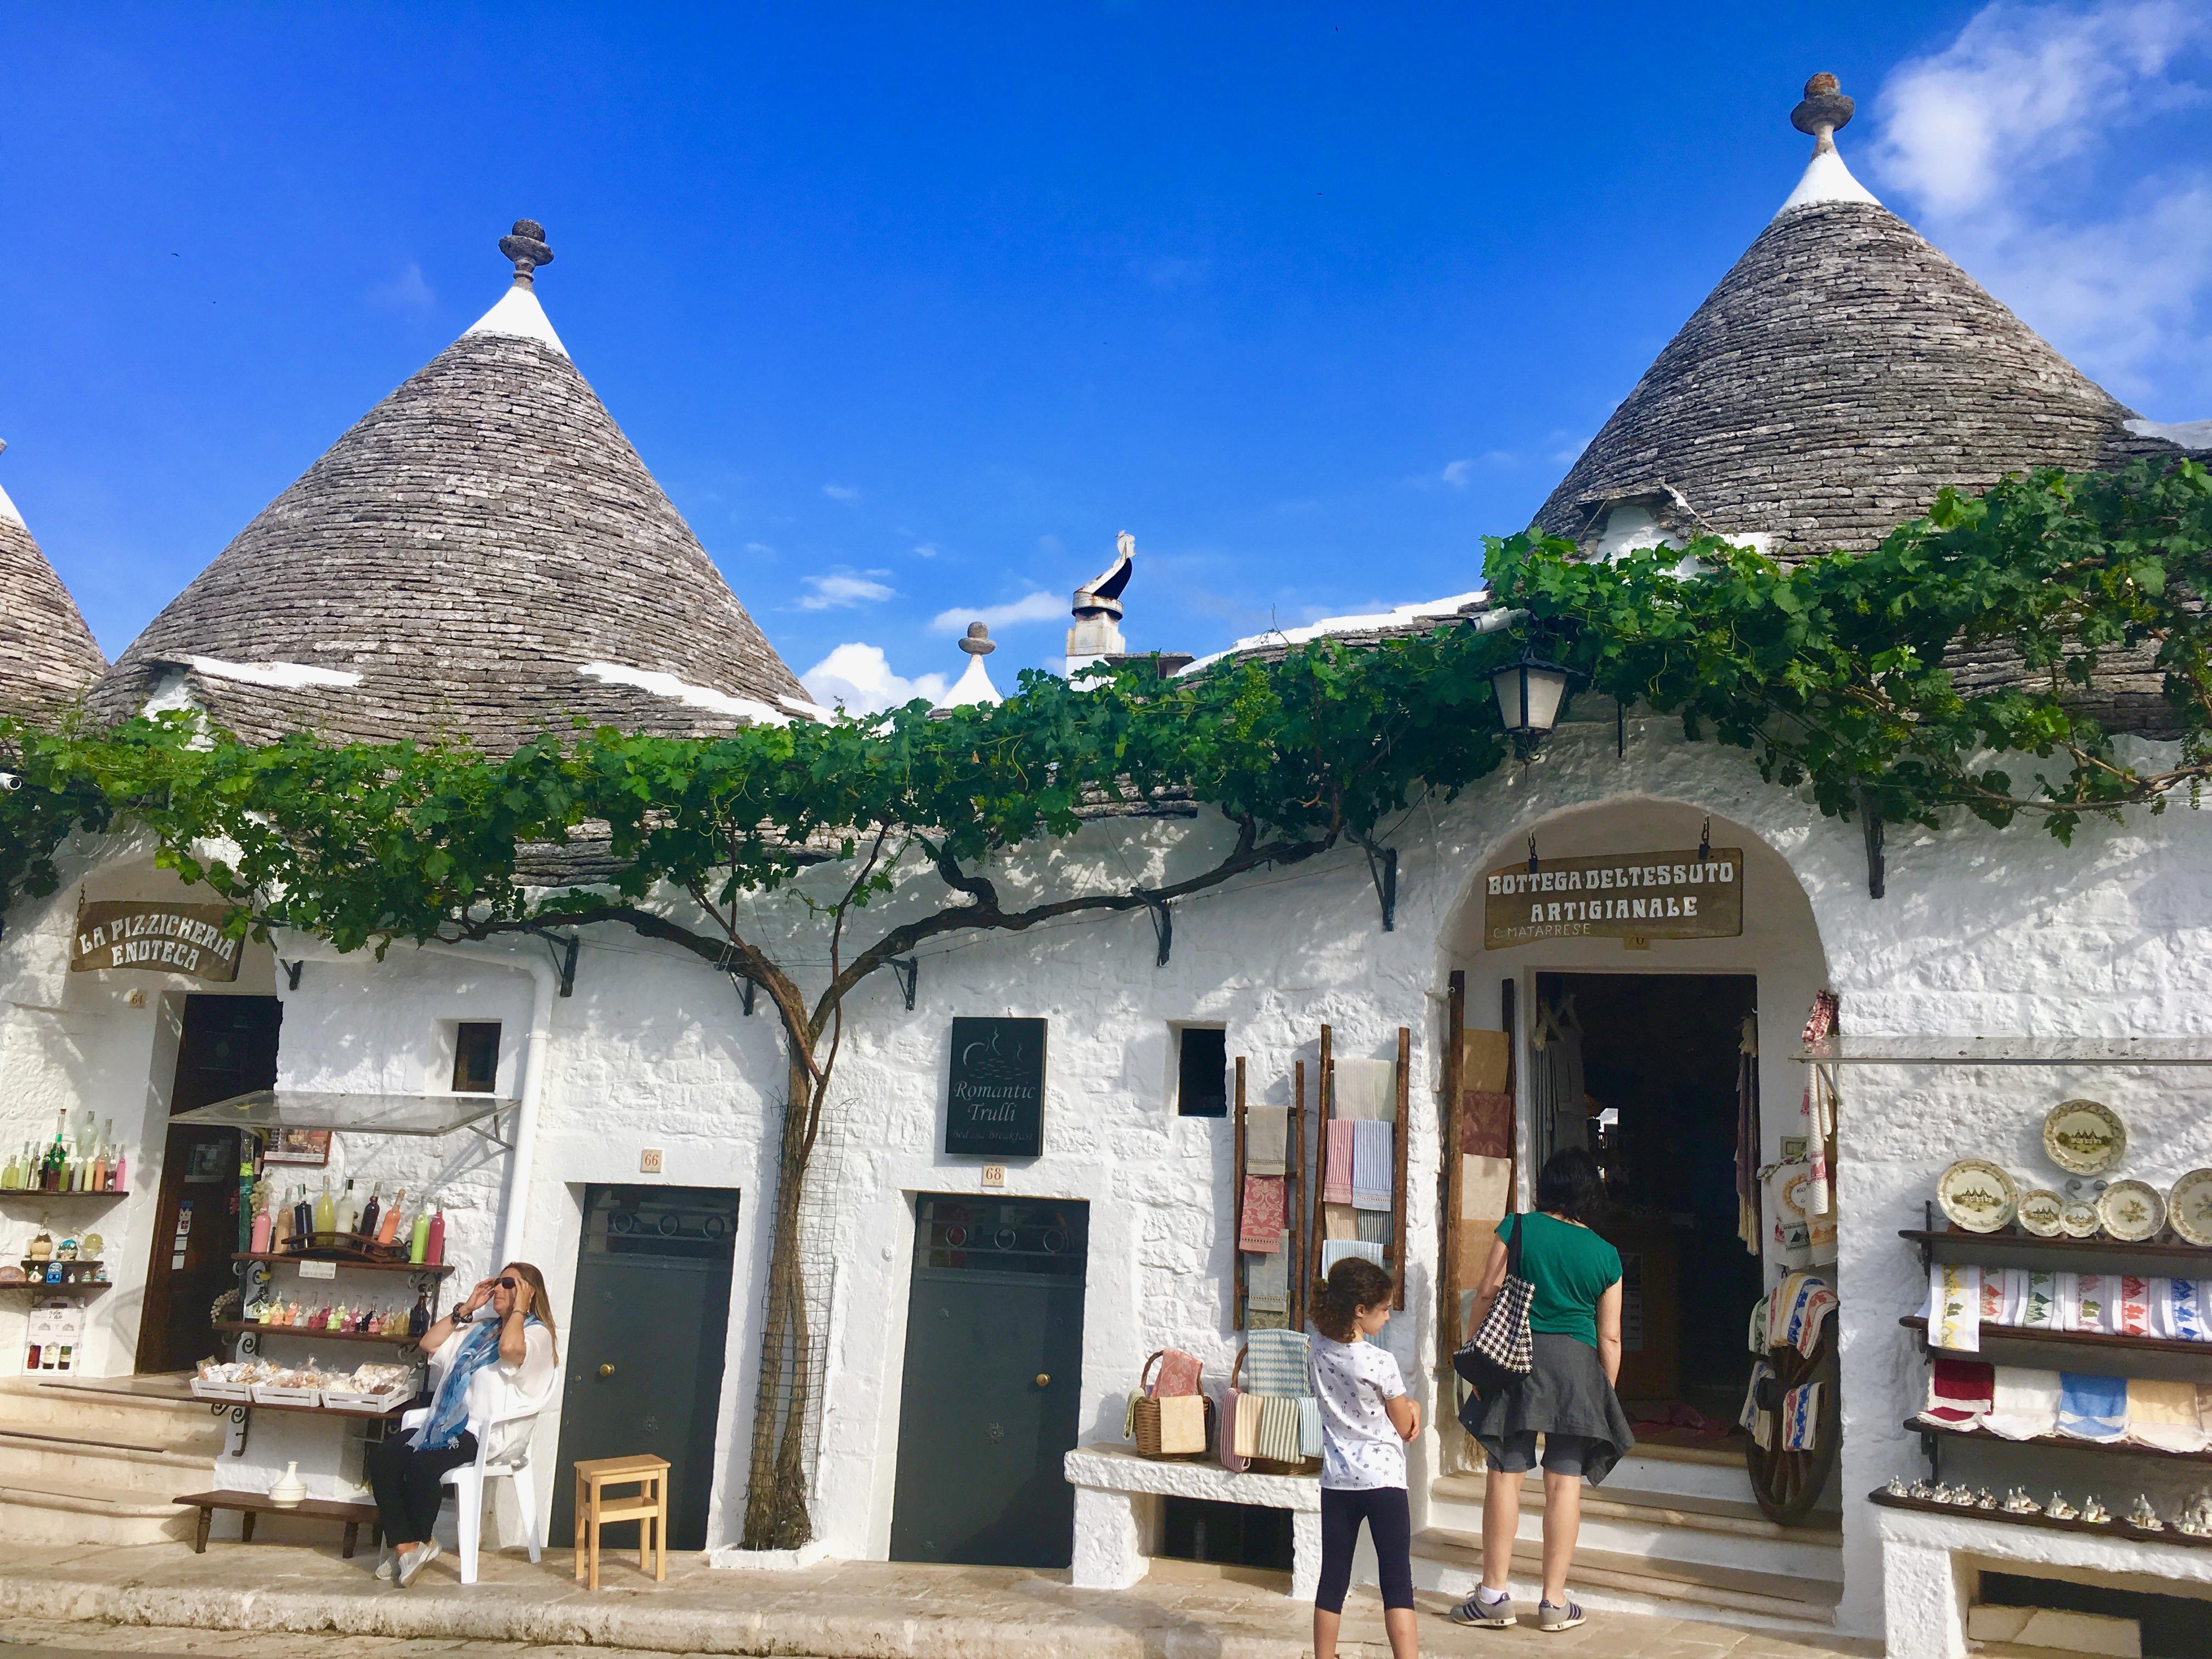 Apulia najciekawsze miejsca, domki trulii